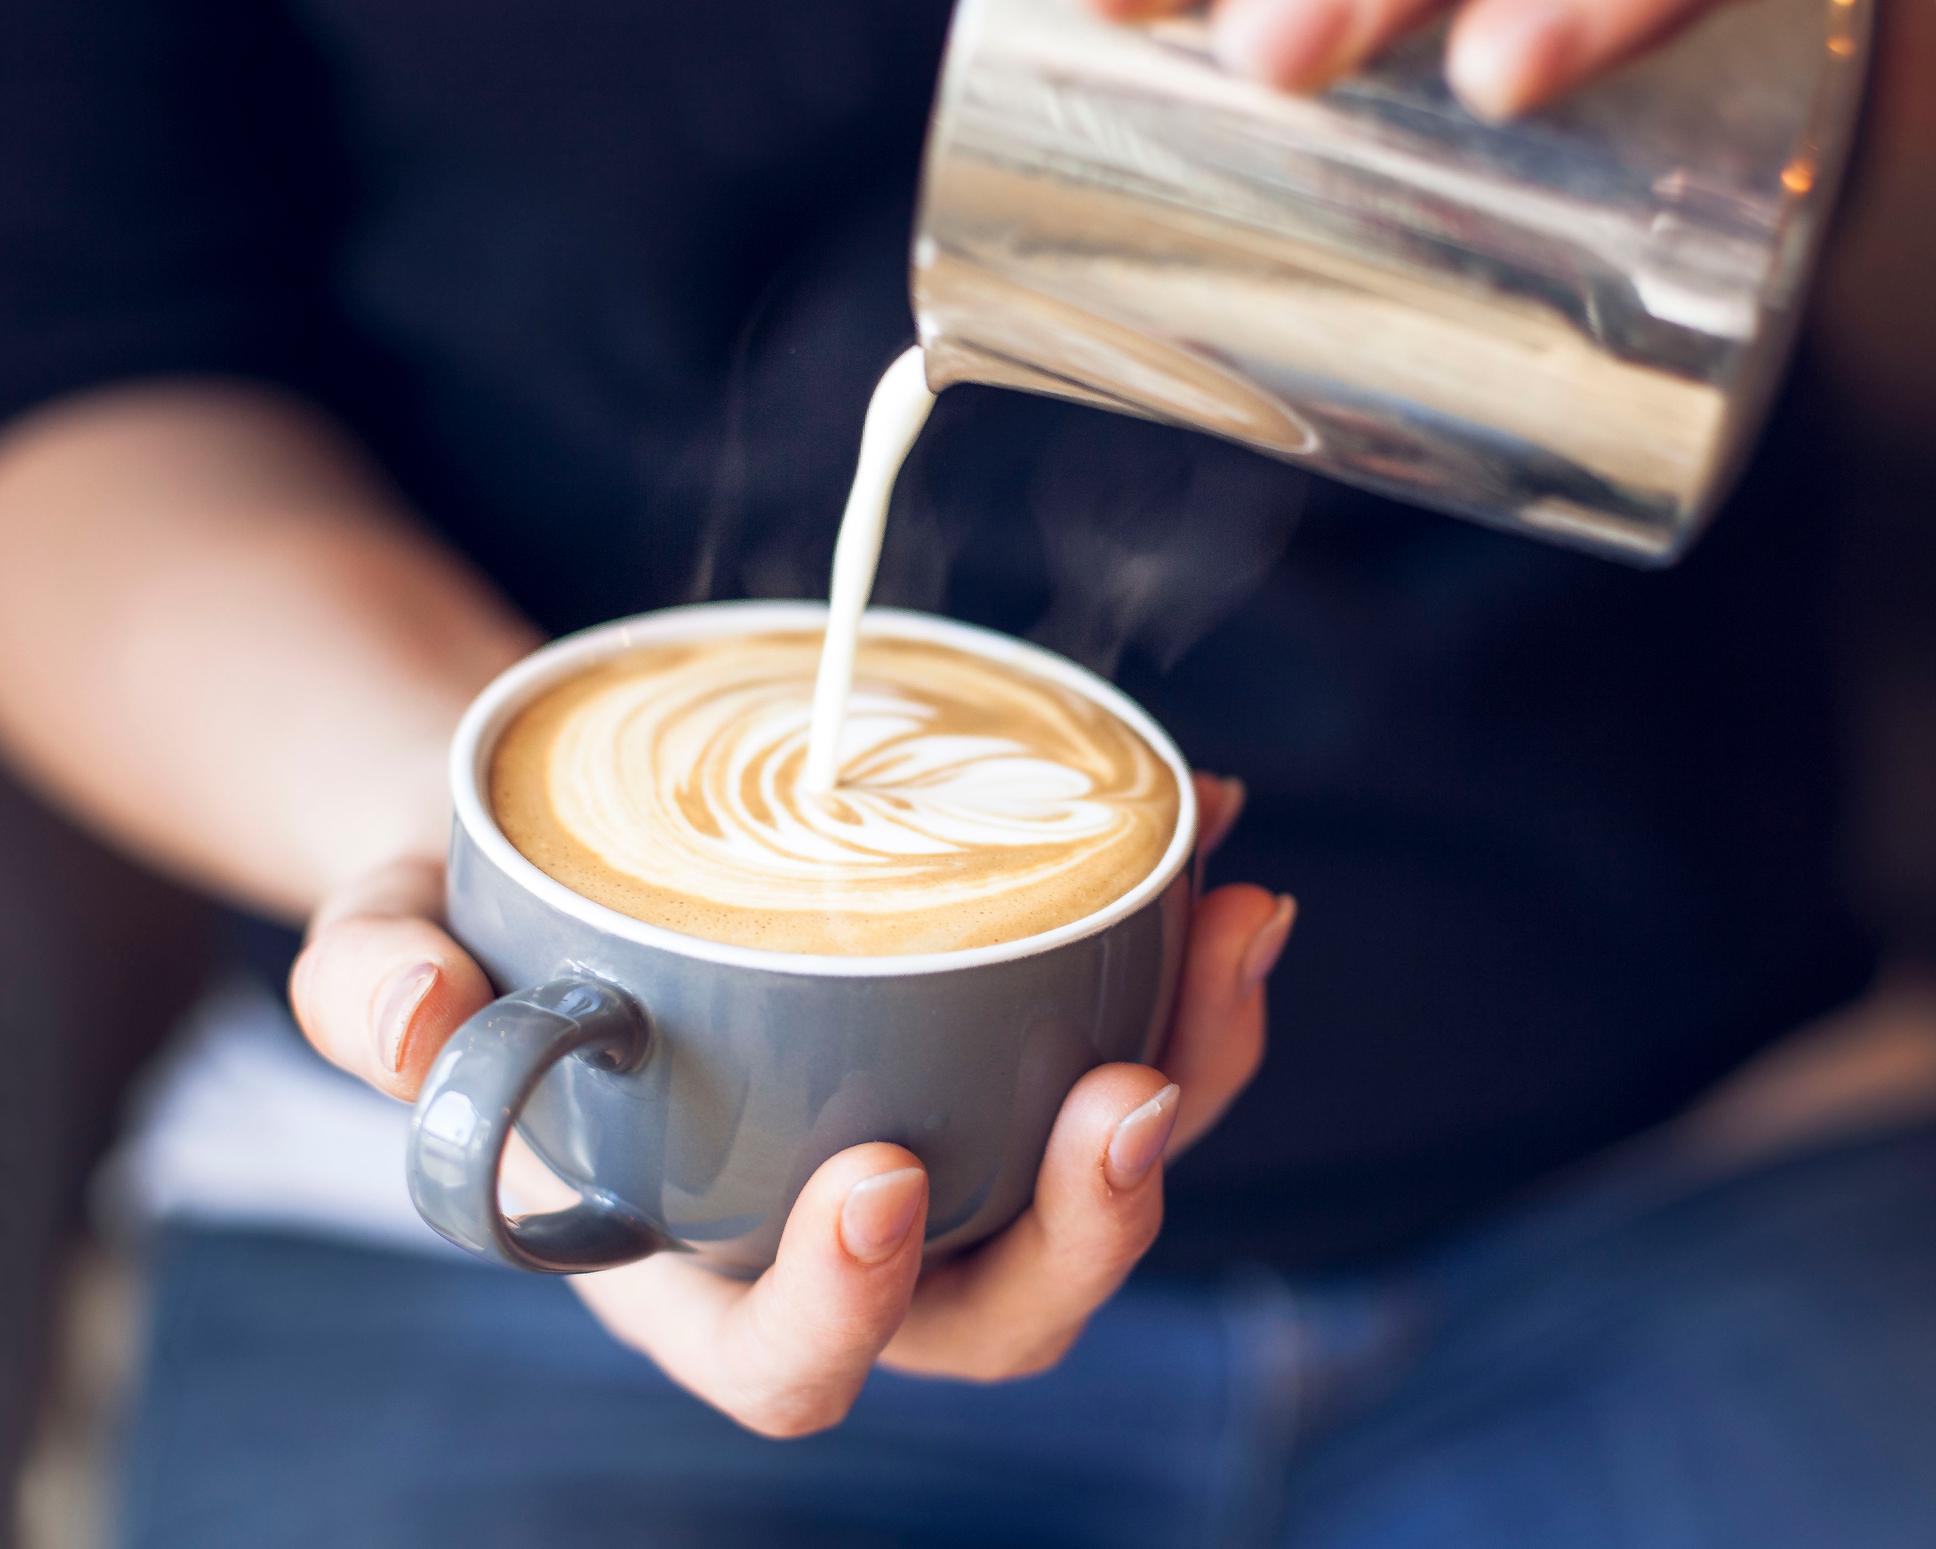 ar trebui sa renunt la cafea pentru a slabi